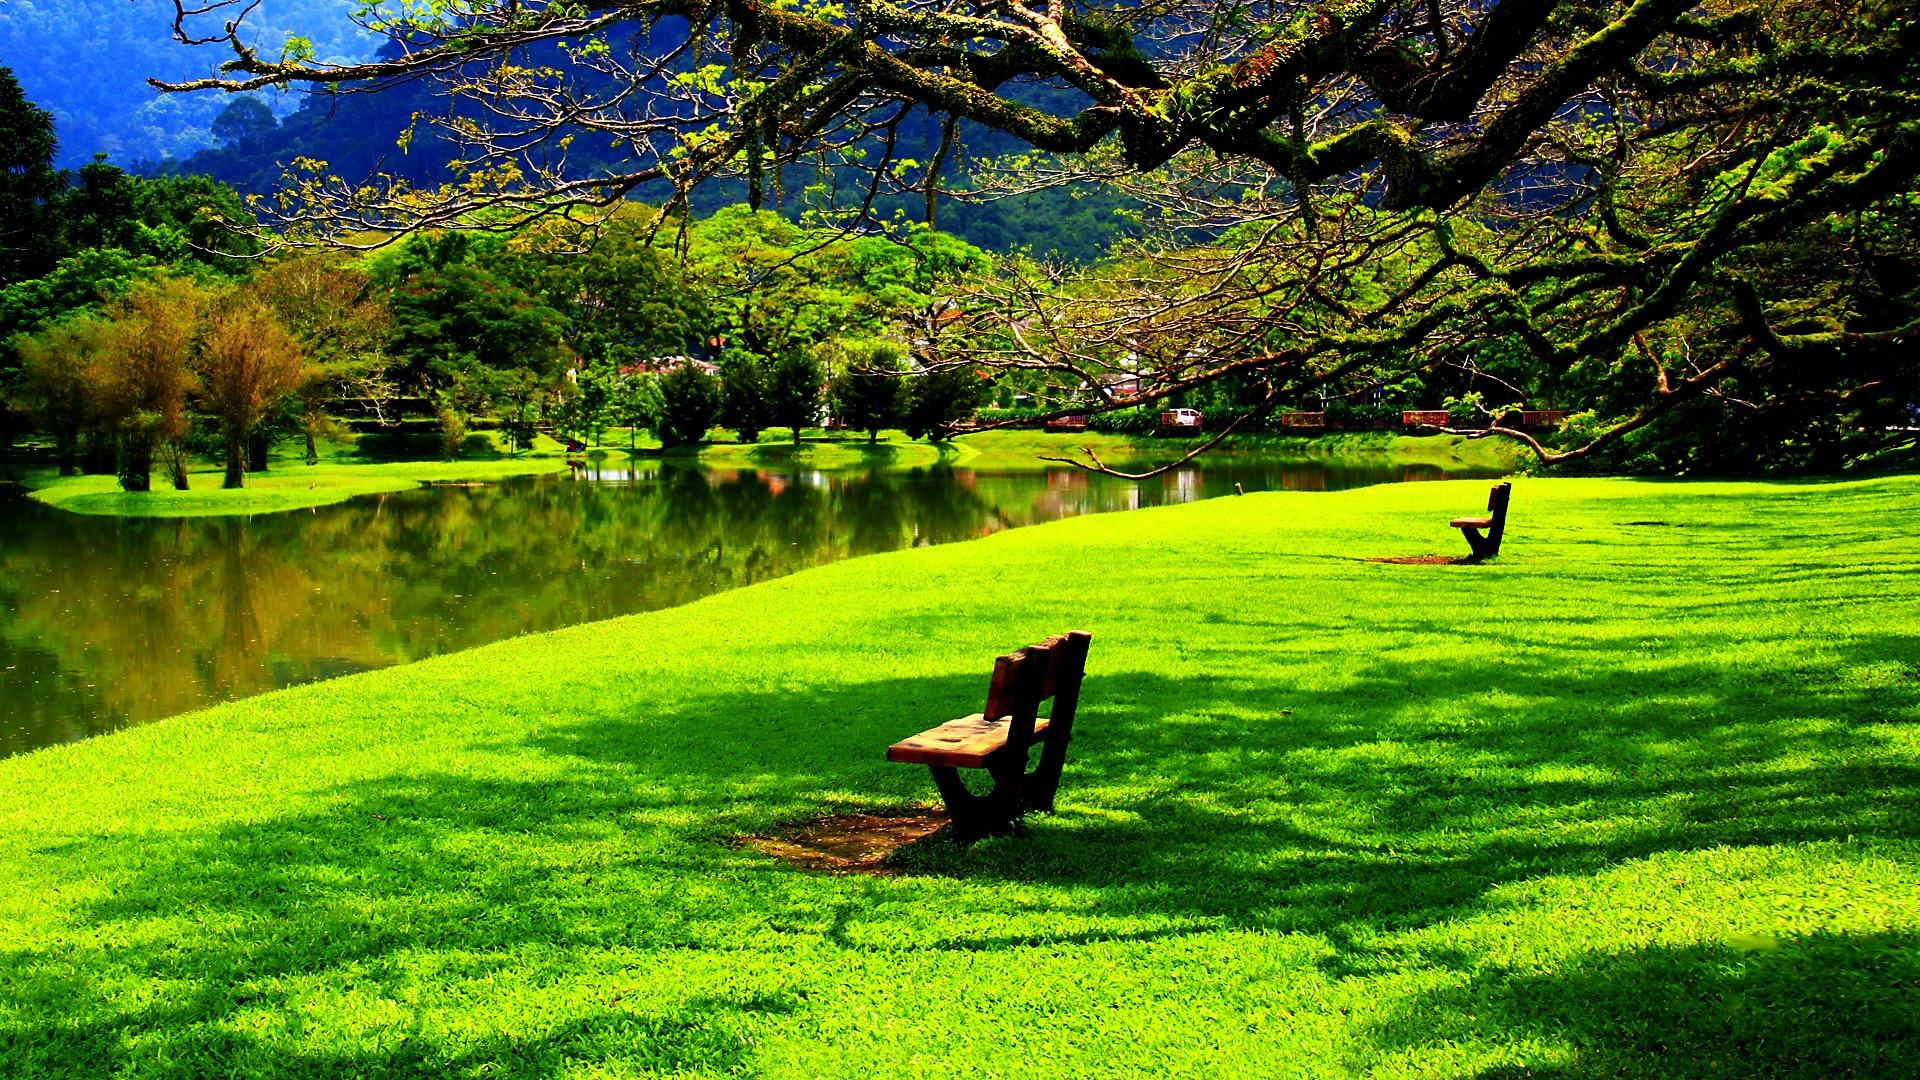 Wallpaper Of Beautiful Places - WallpaperSafari